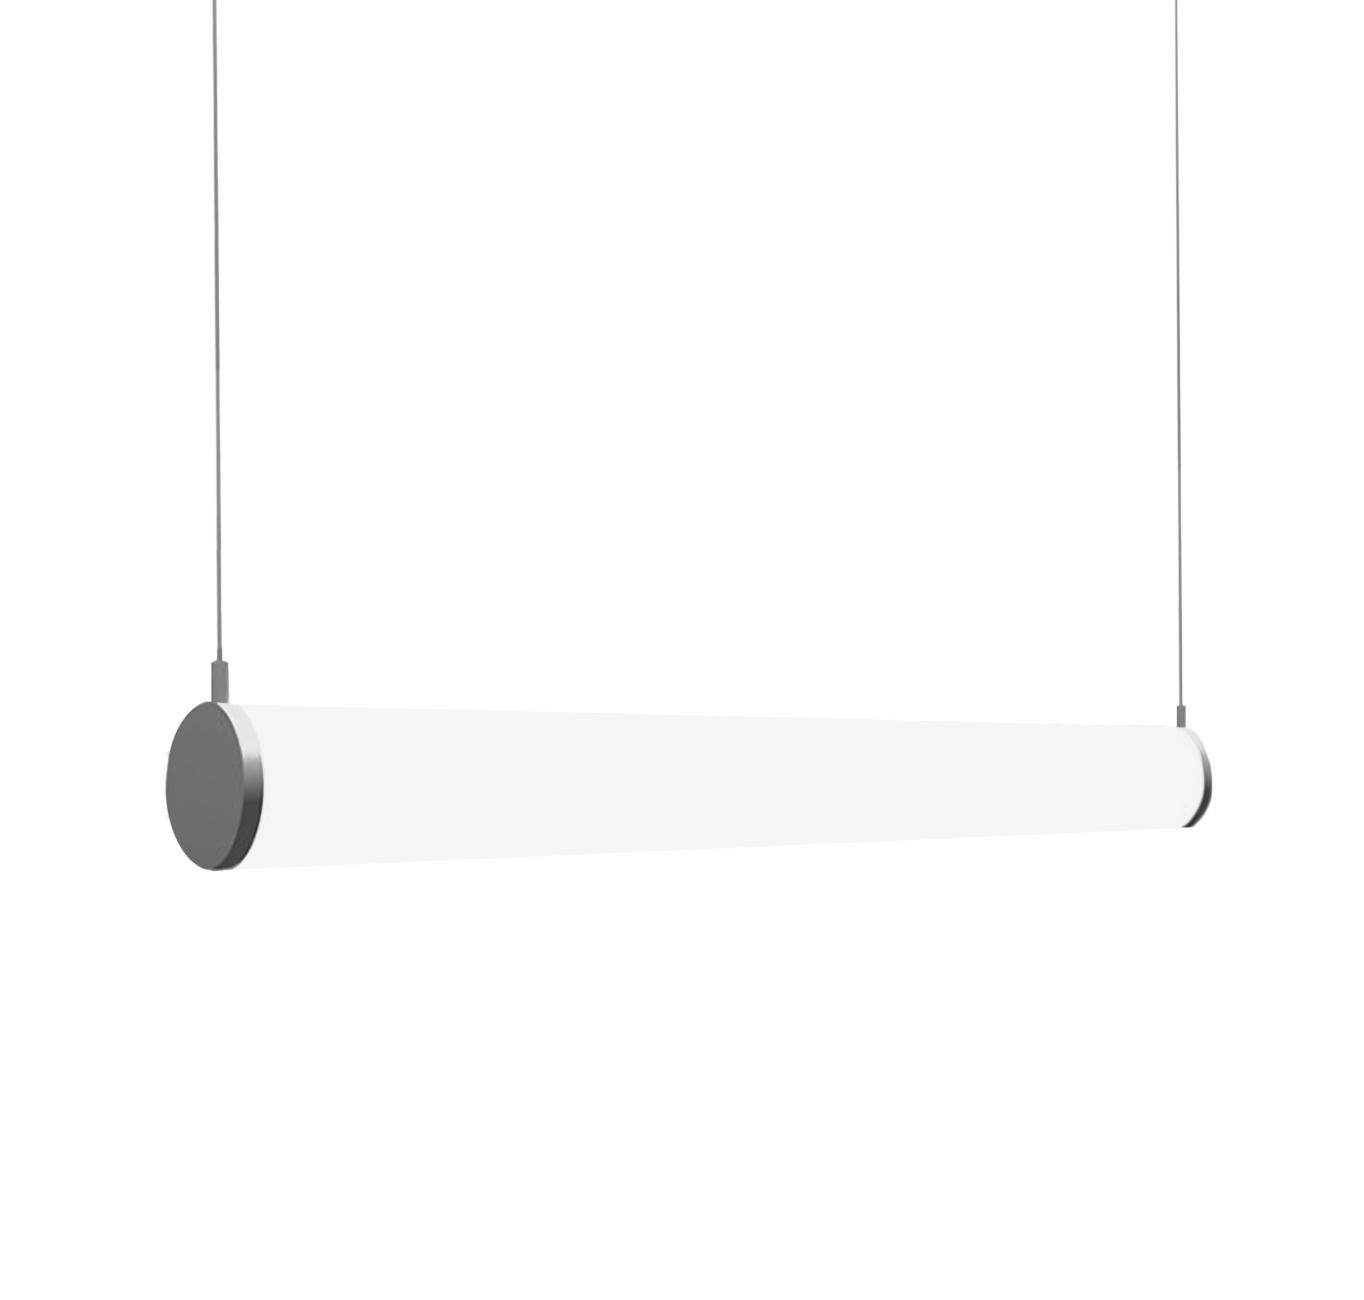 Светильник Roll-60 2000мм. 4000К/3000К. 34W/72W купить в Химках